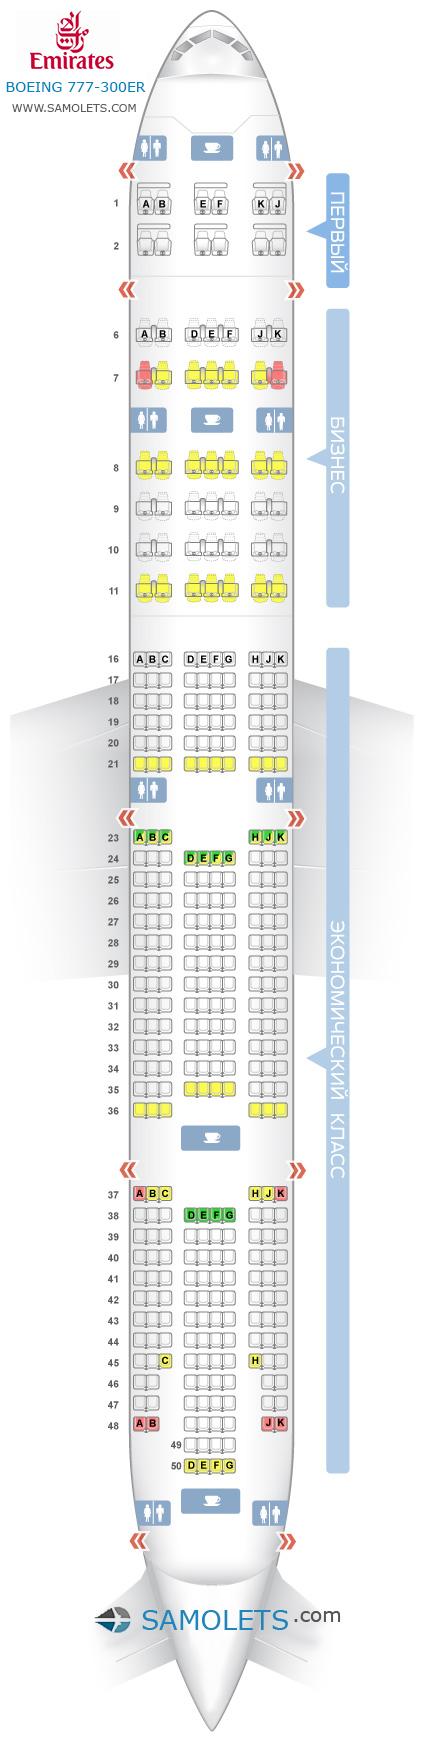 Схема салона Boeing 777-300ER Emirates